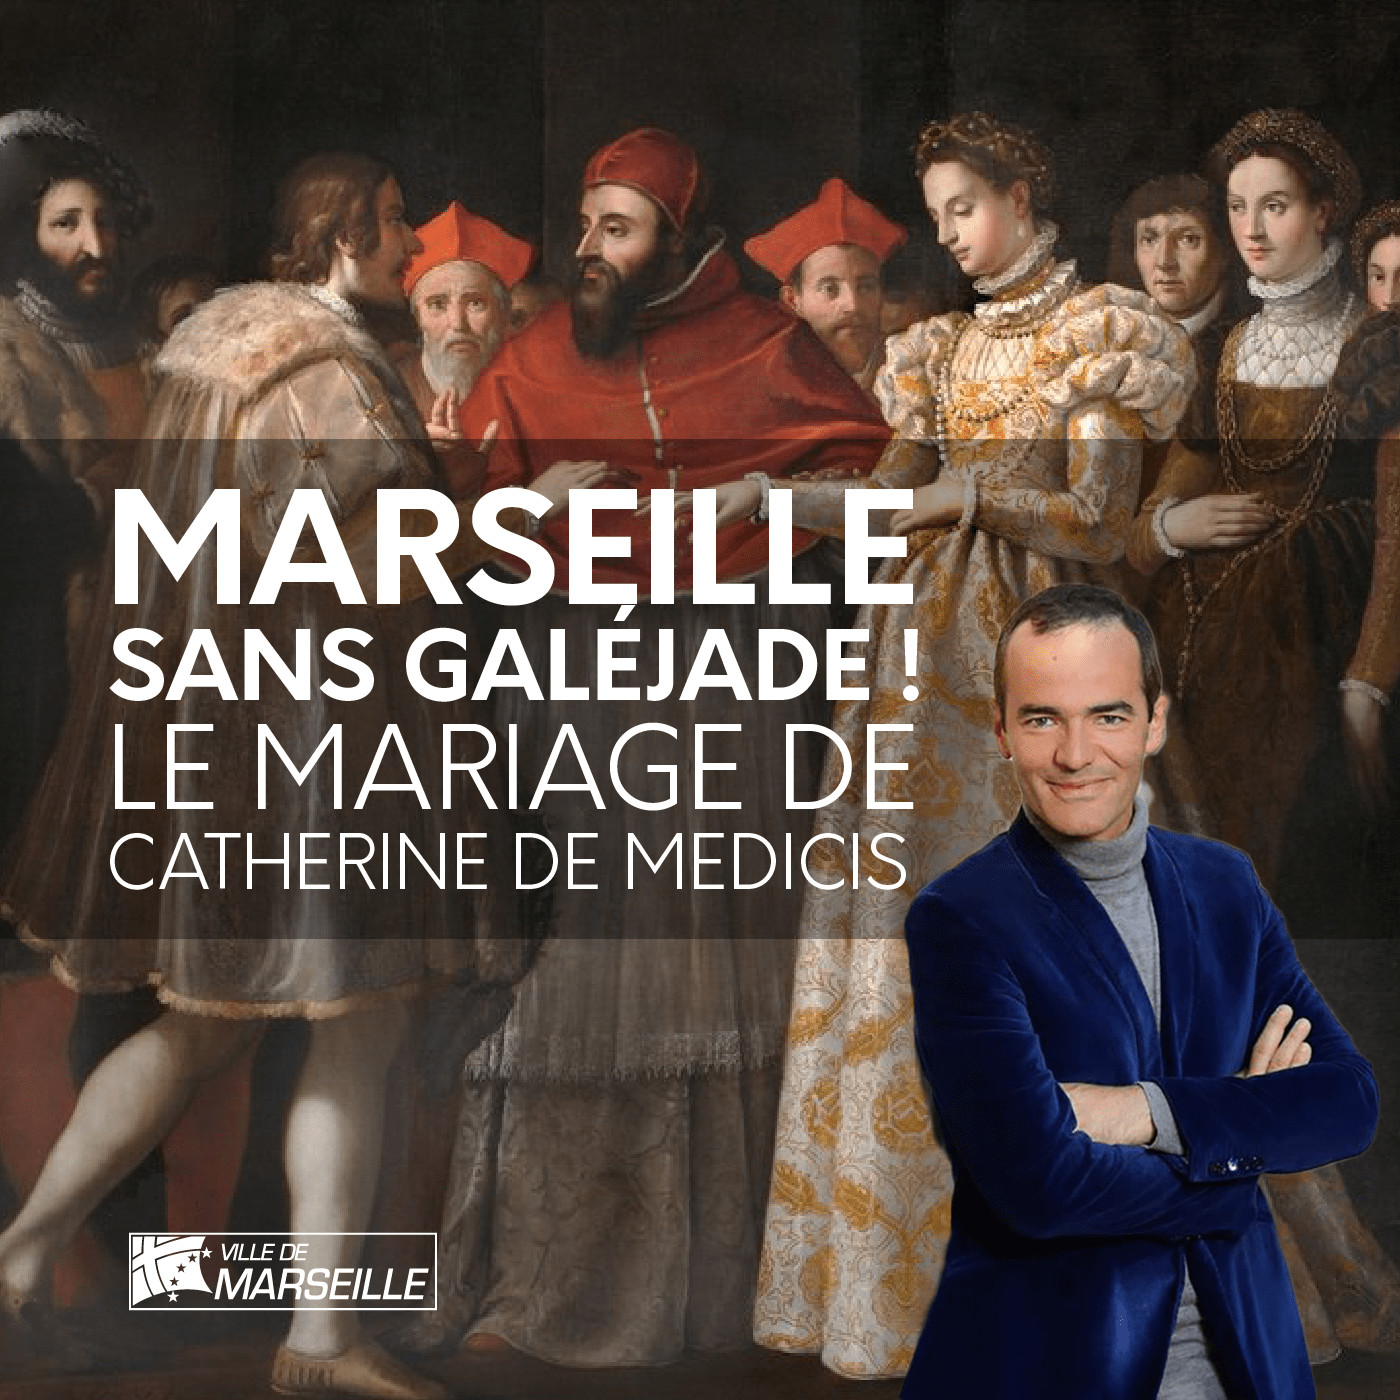 #4 - Le mariage de Catherine de Medicis